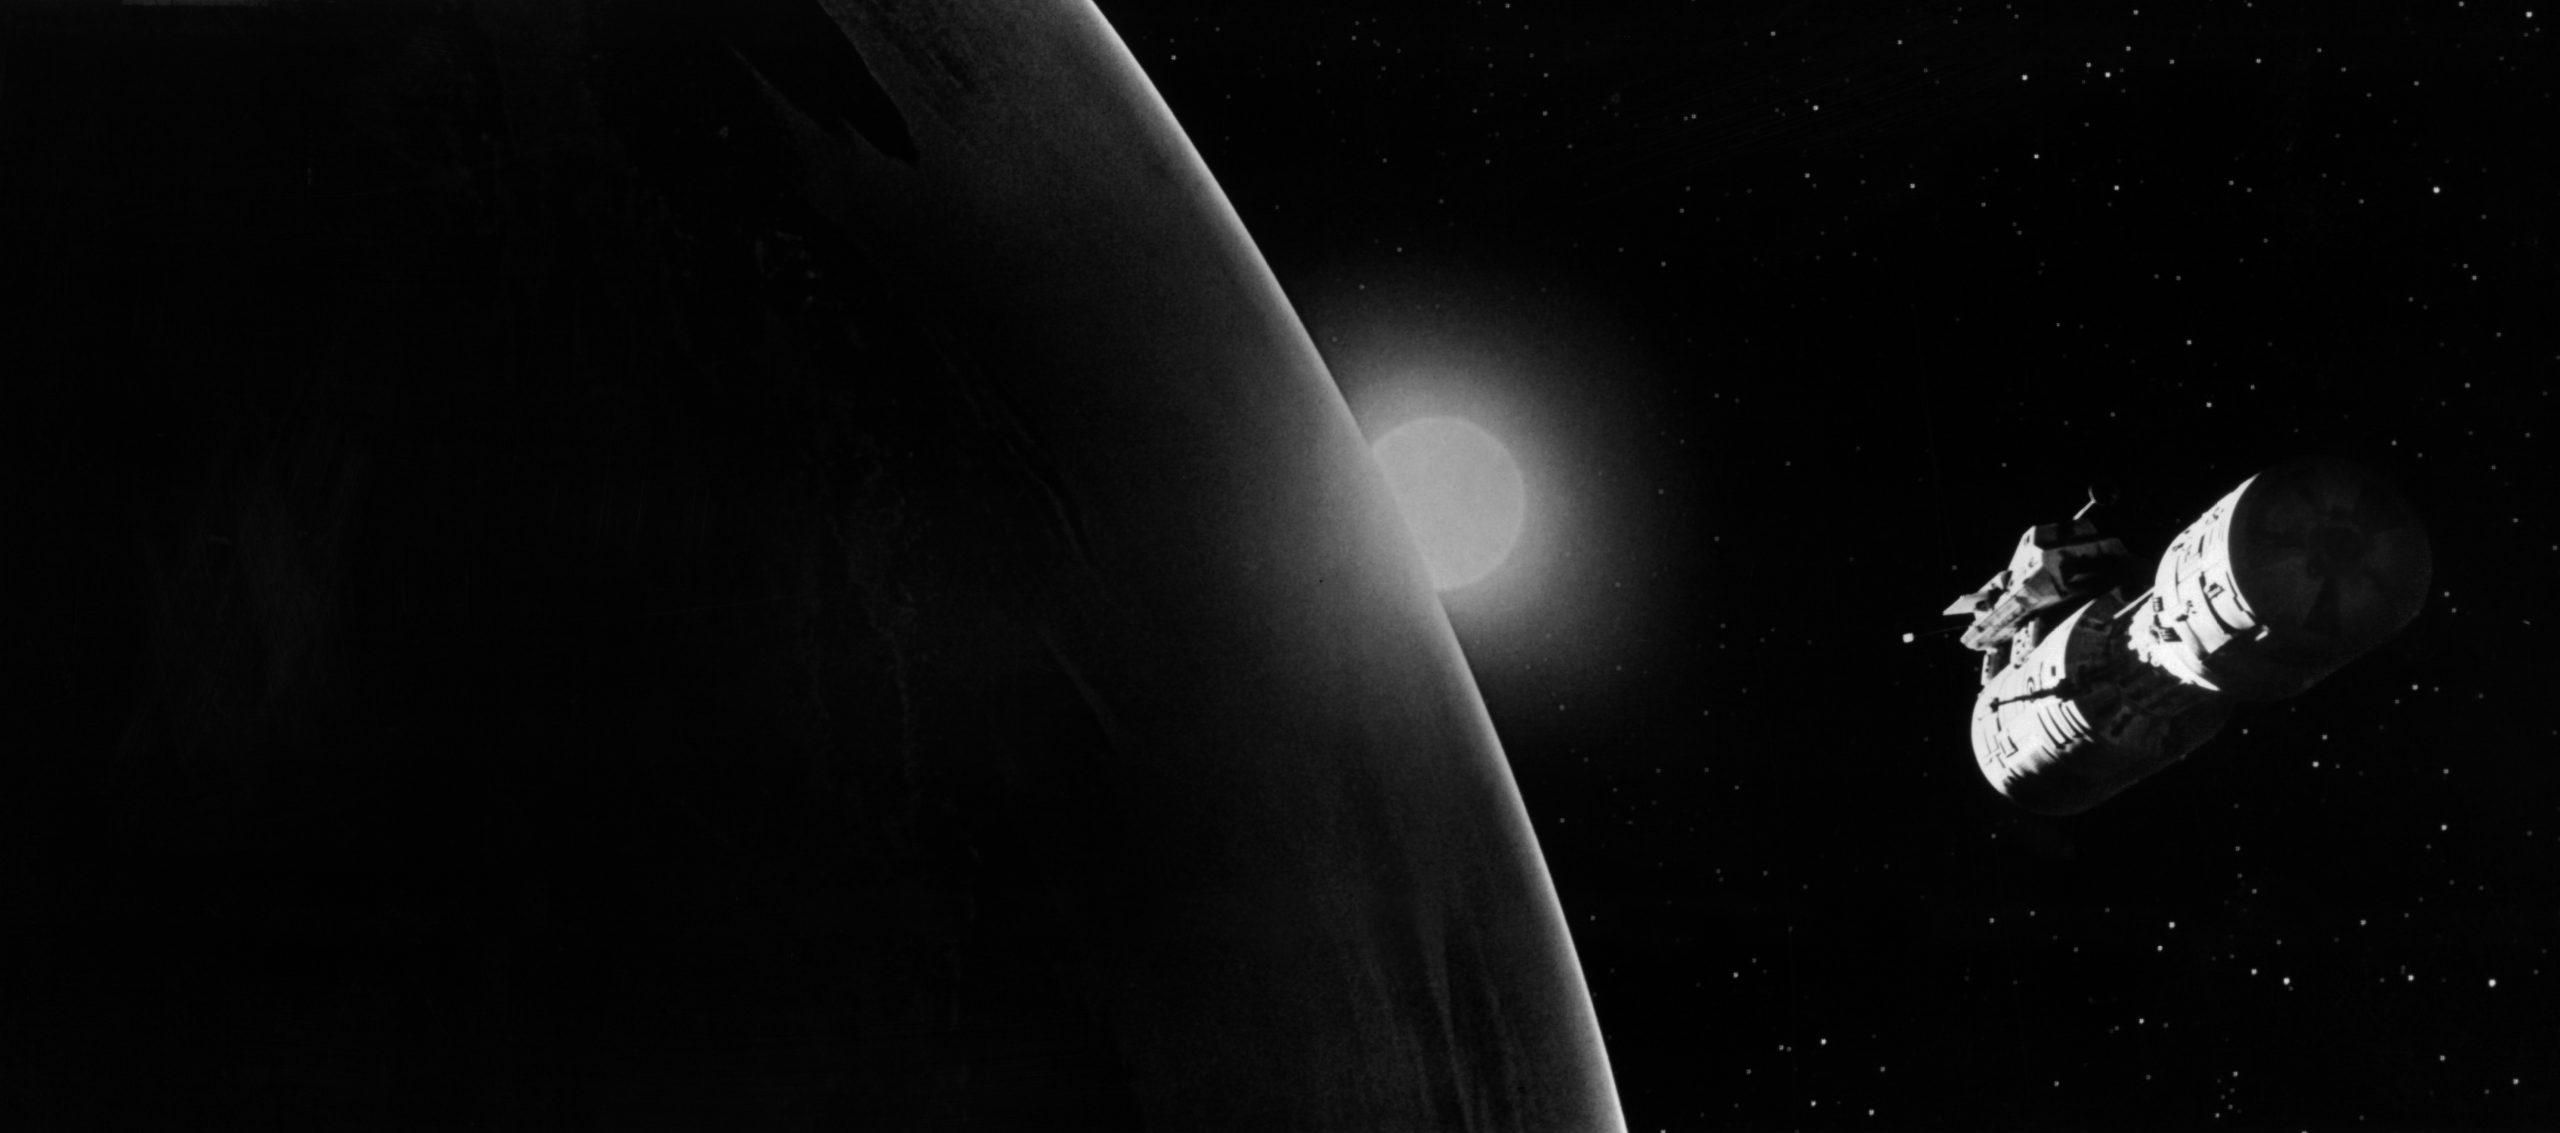 地球人的太空幻想01